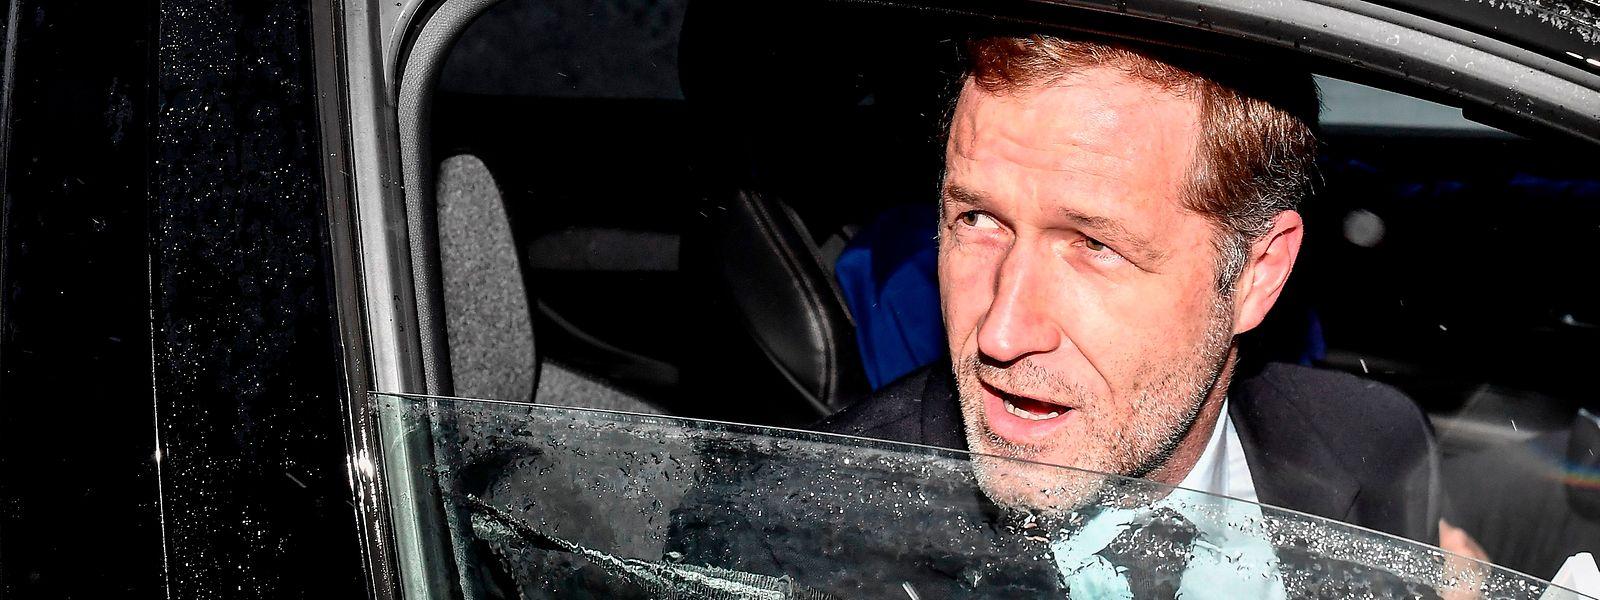 L'informateur Paul Magnette en route vers le palais royal, où il va demander décharge de sa mission. Son échec relatif atteste la volonté de deux partis flamands de rester en dehors du jeu.